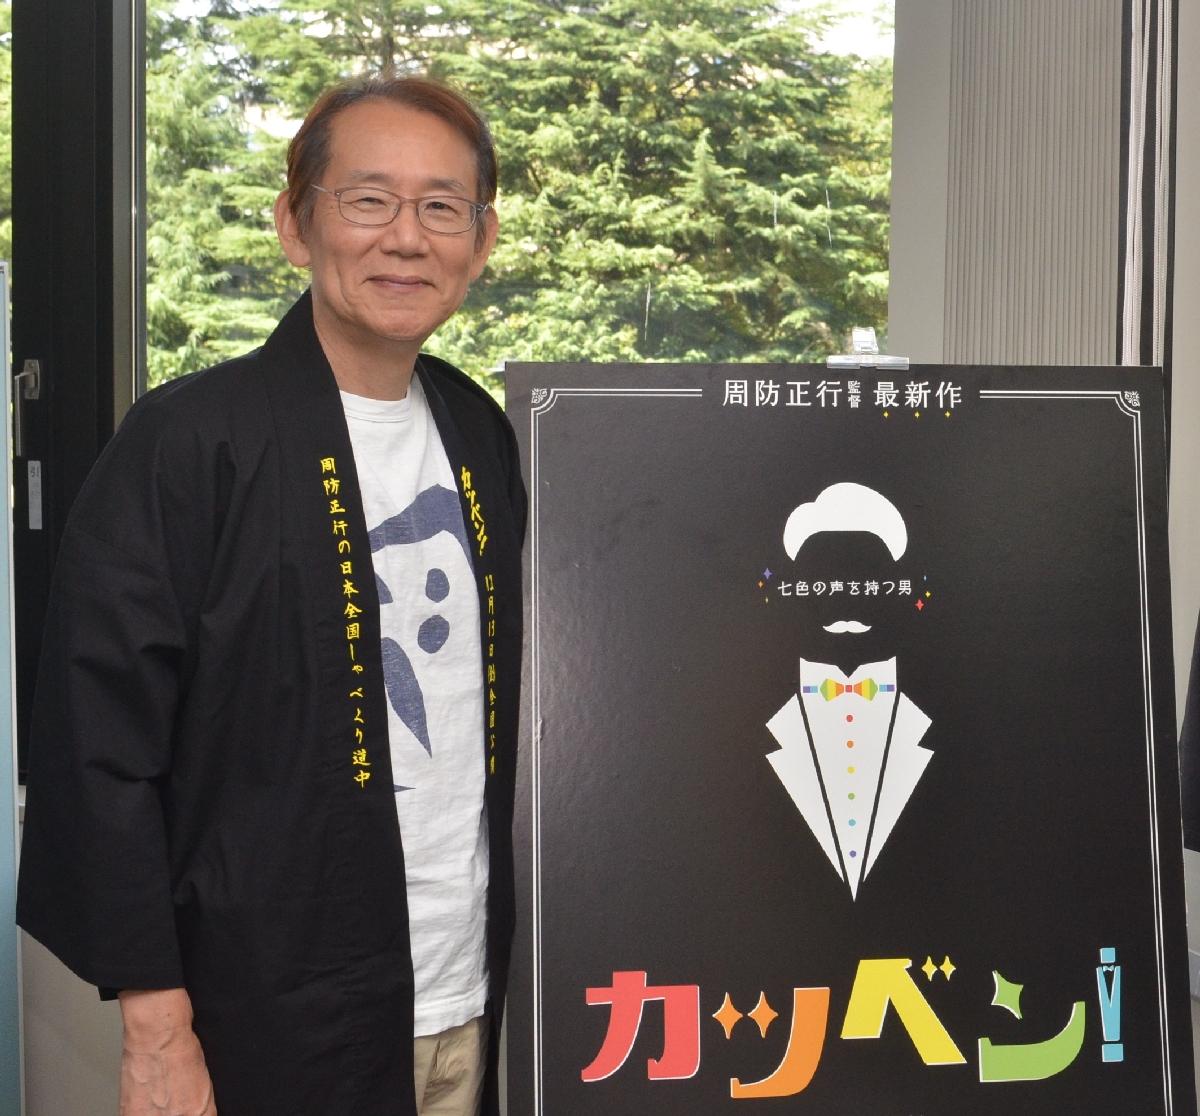 新映画「カツベン」をPRした周防正行監督=9日、デーリー東北新聞社青森支社